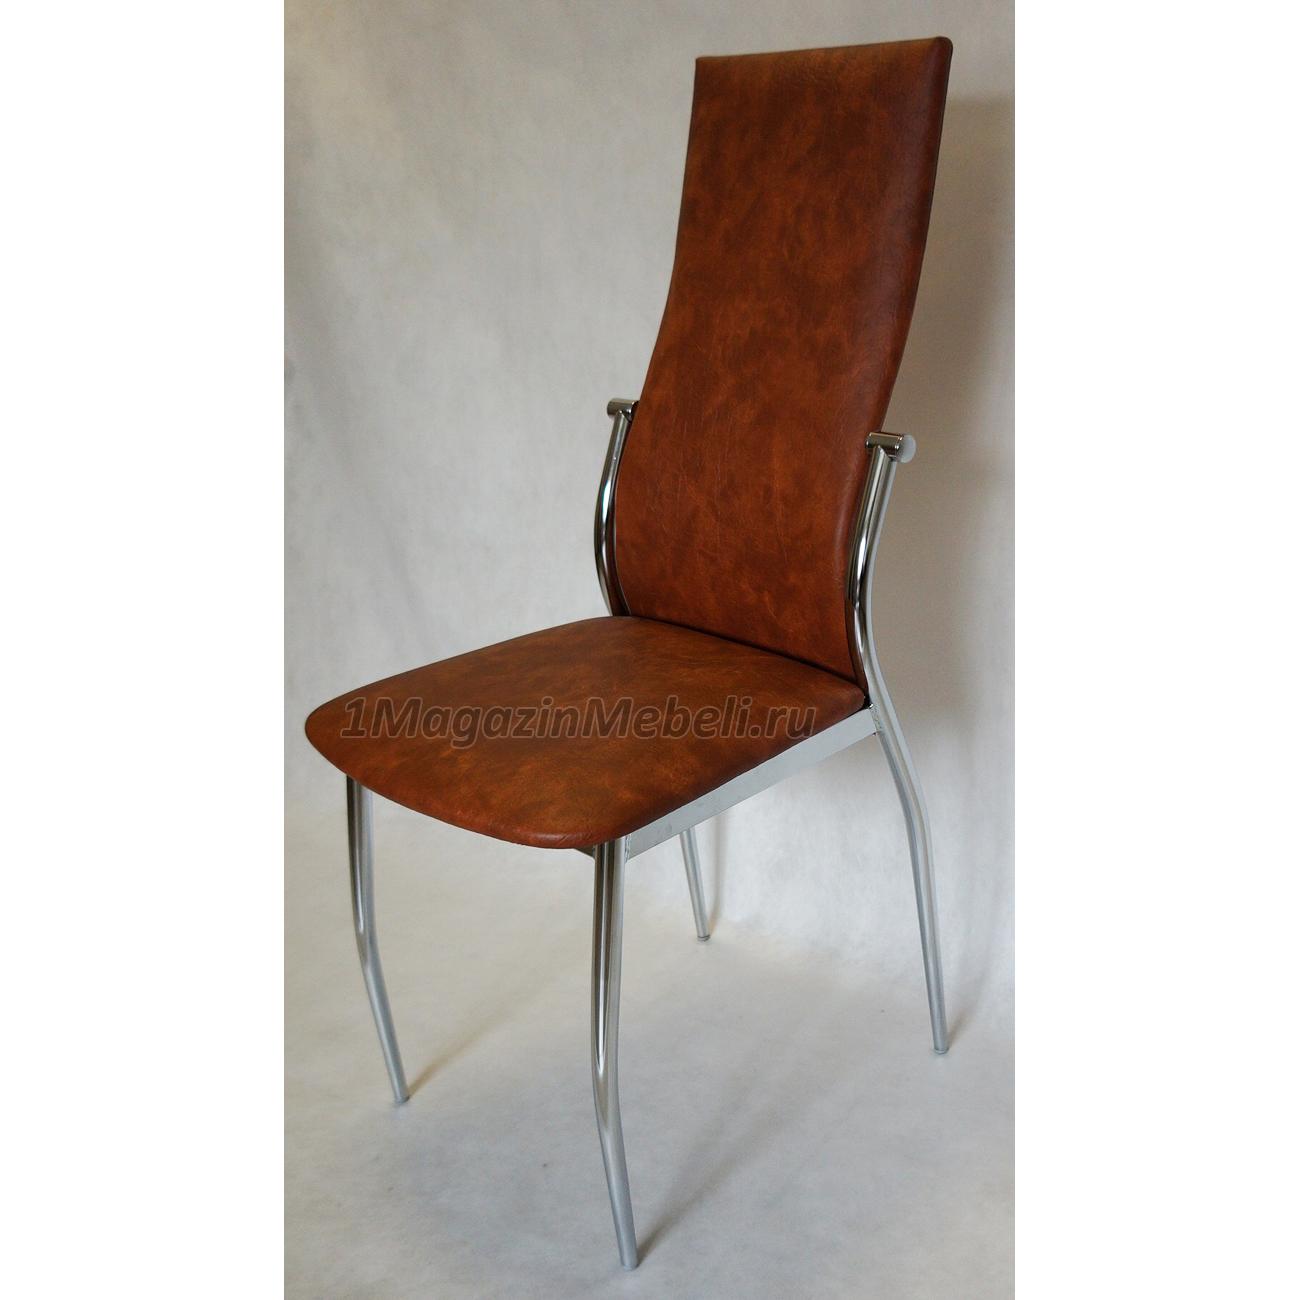 Стул металлический, коричневый, табак, hs-022, комфорт, 218 (арт. М3233)